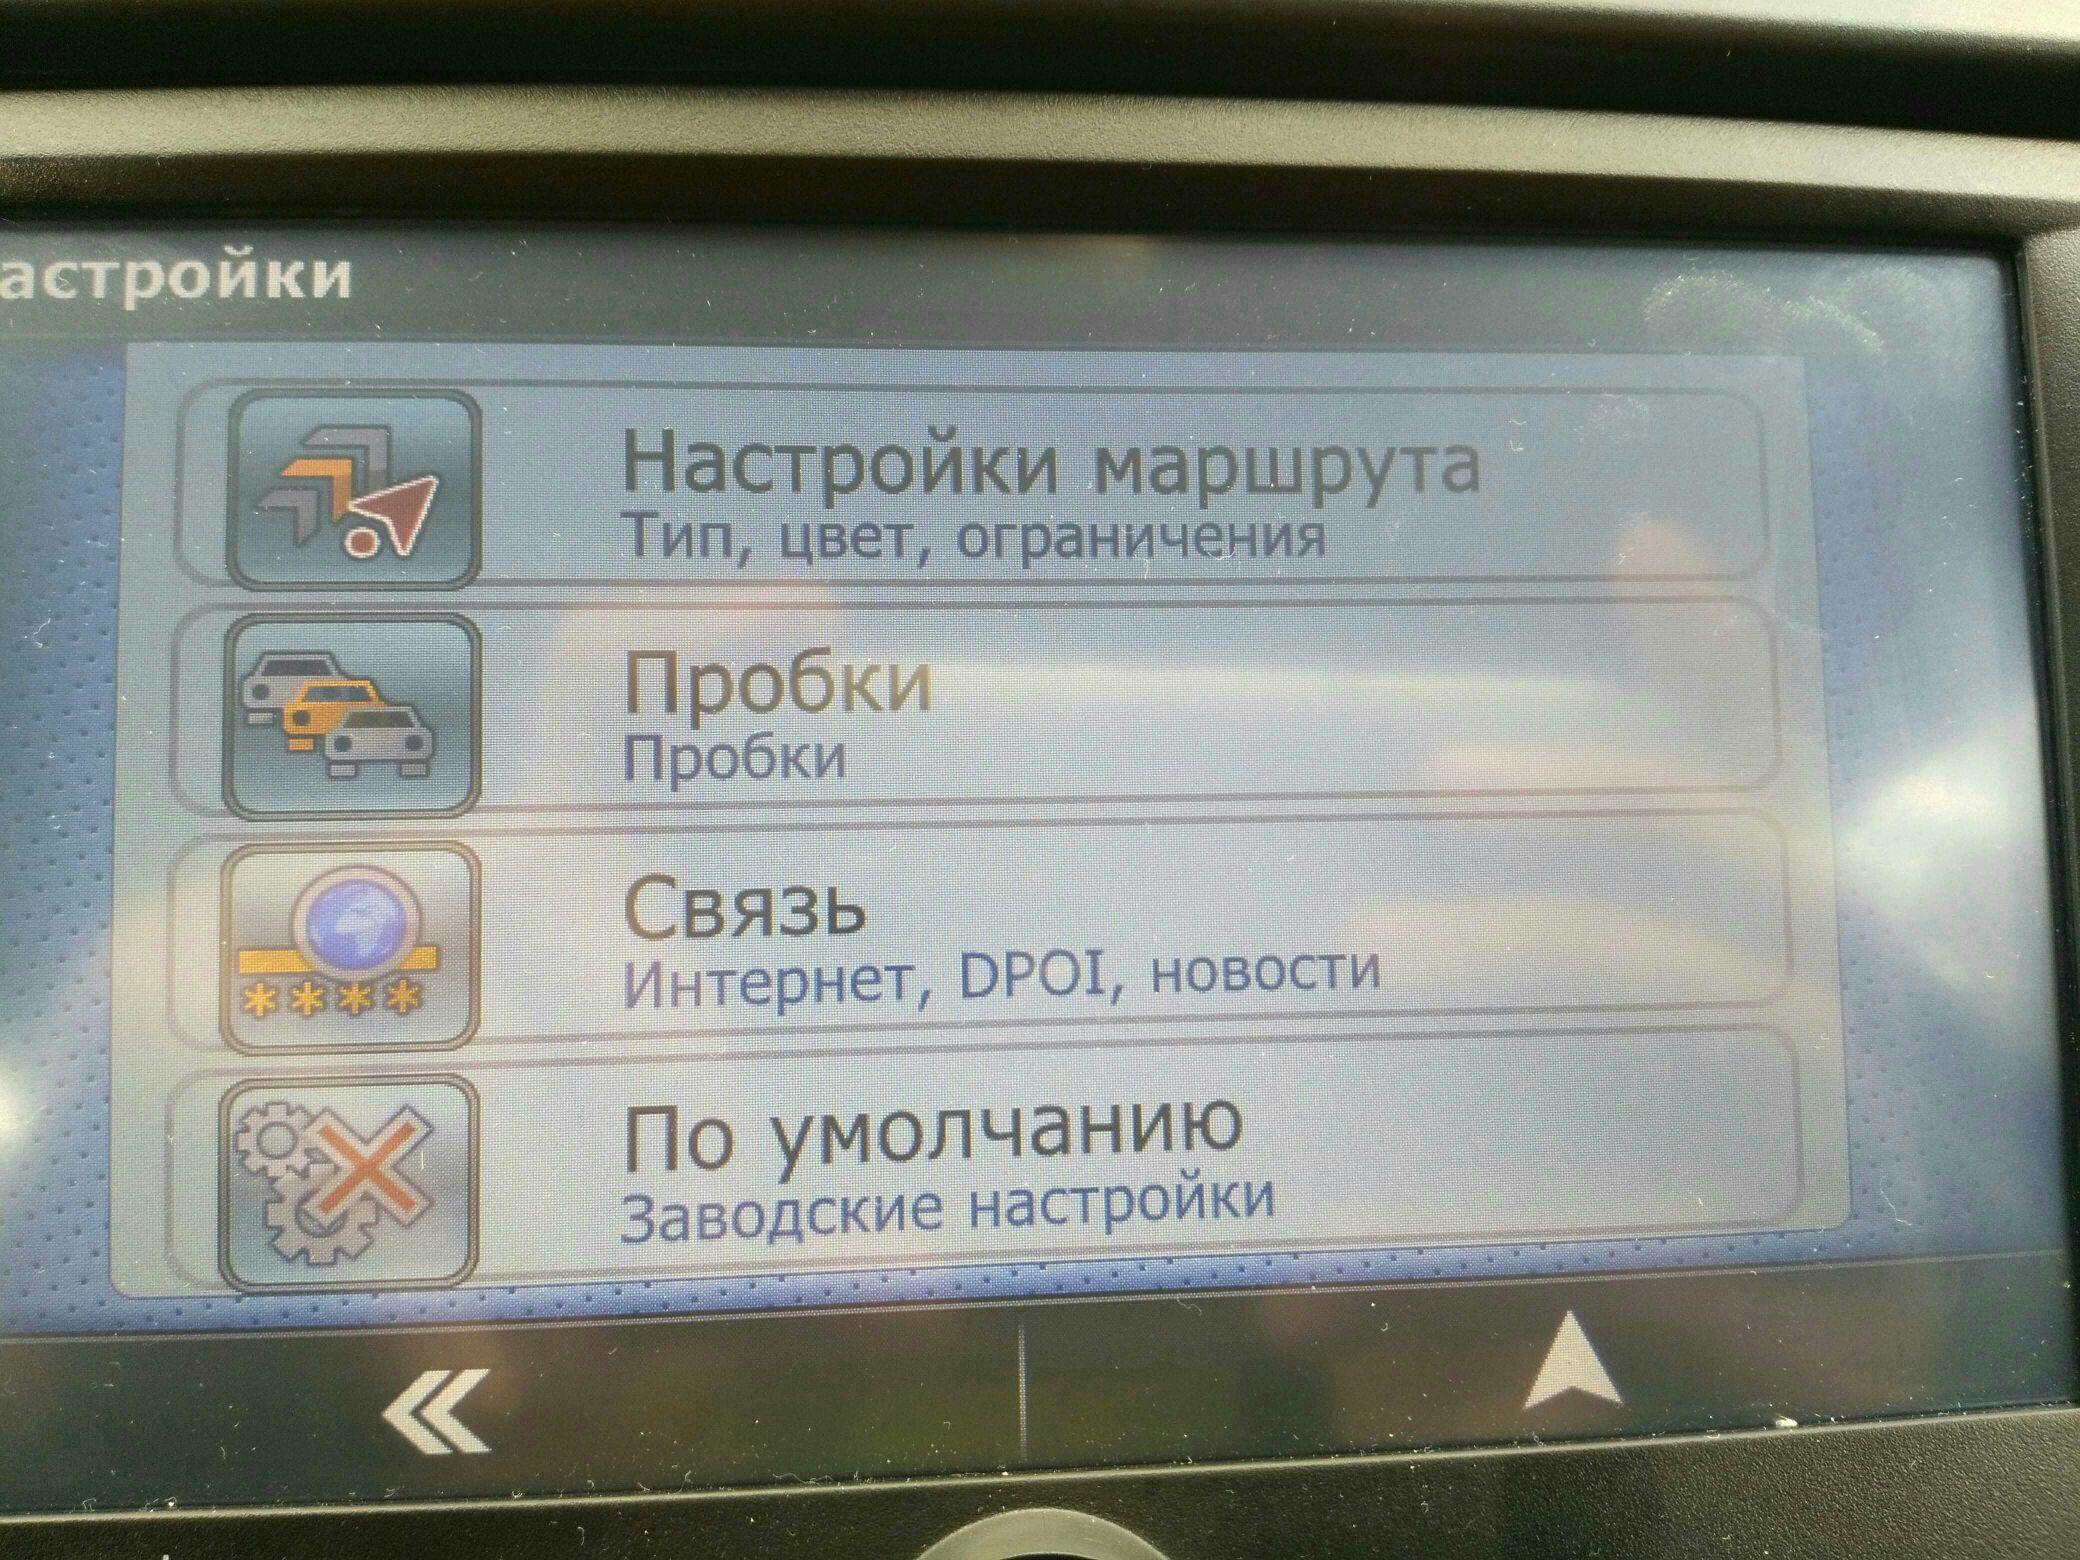 ecb4a9d406d2b9d6347849098ac43c49.jpg